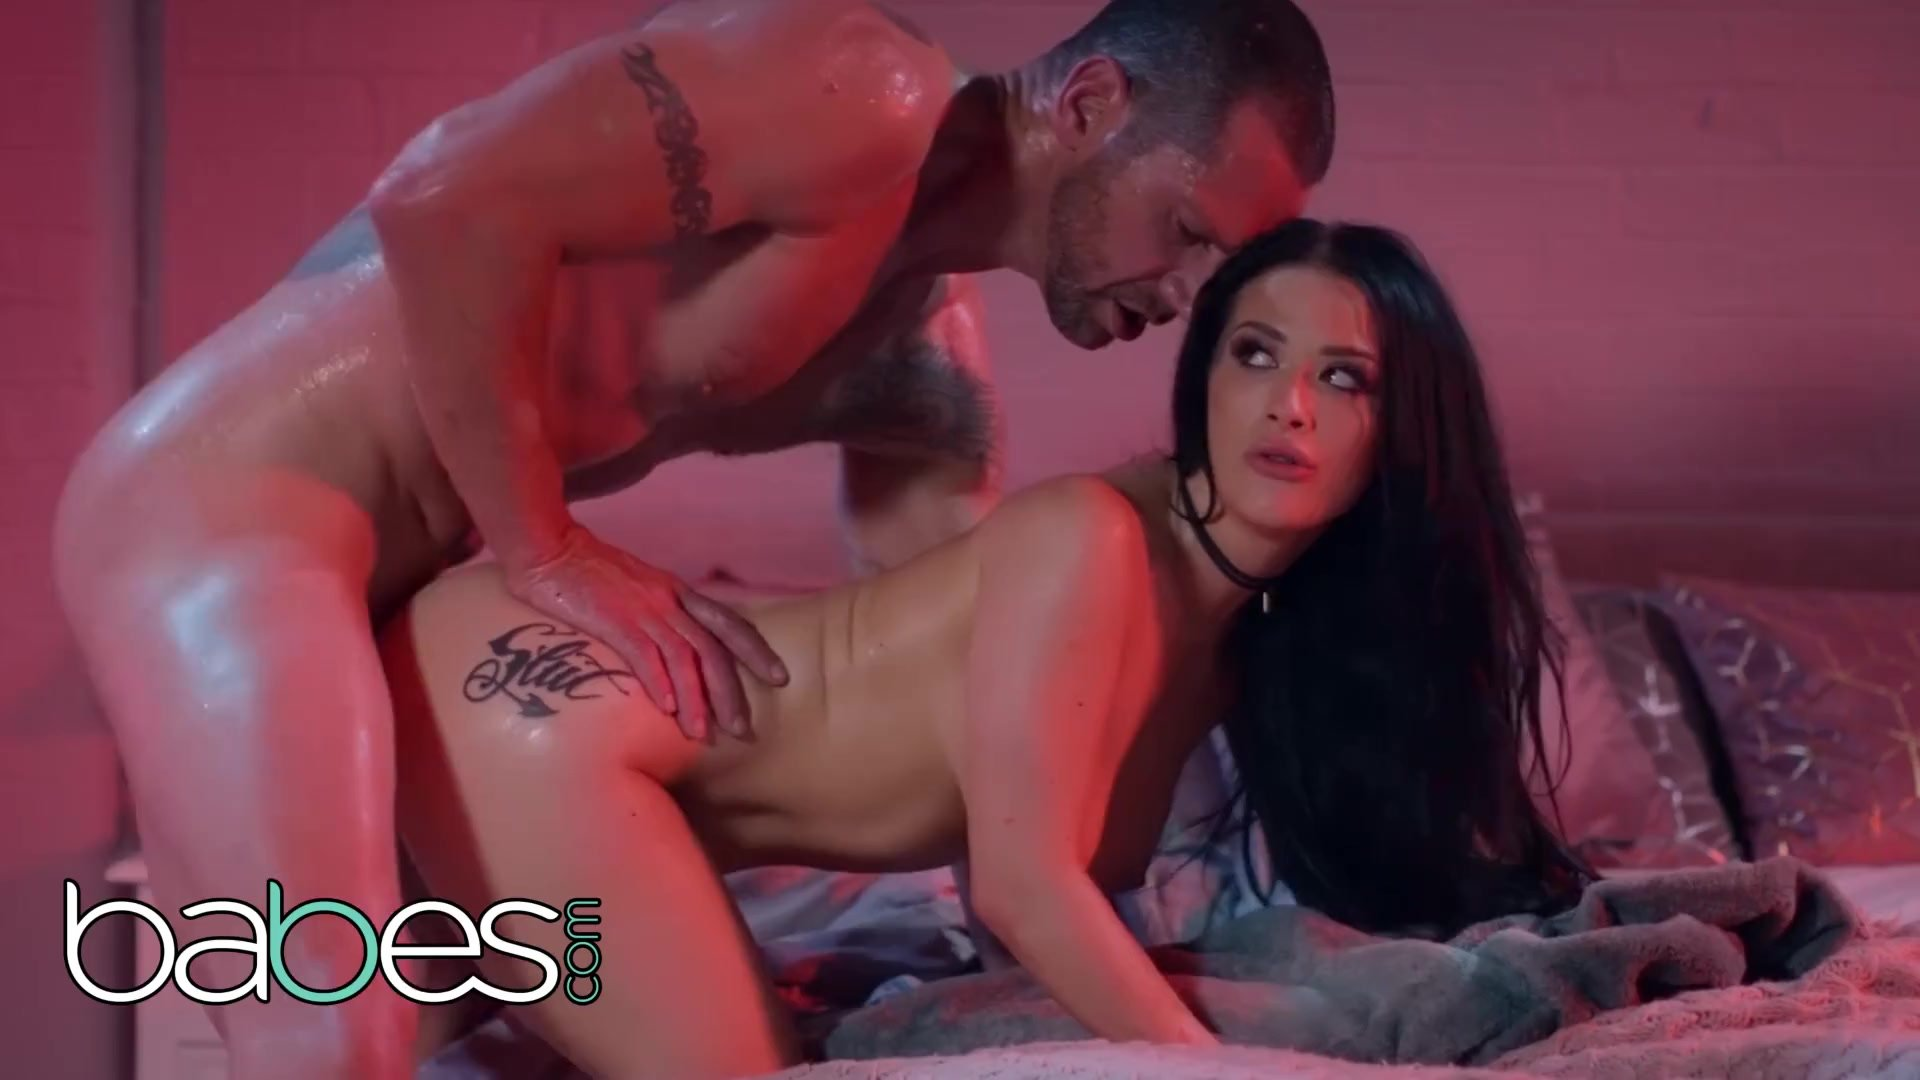 Kinky/tit gets babes kinky snakes